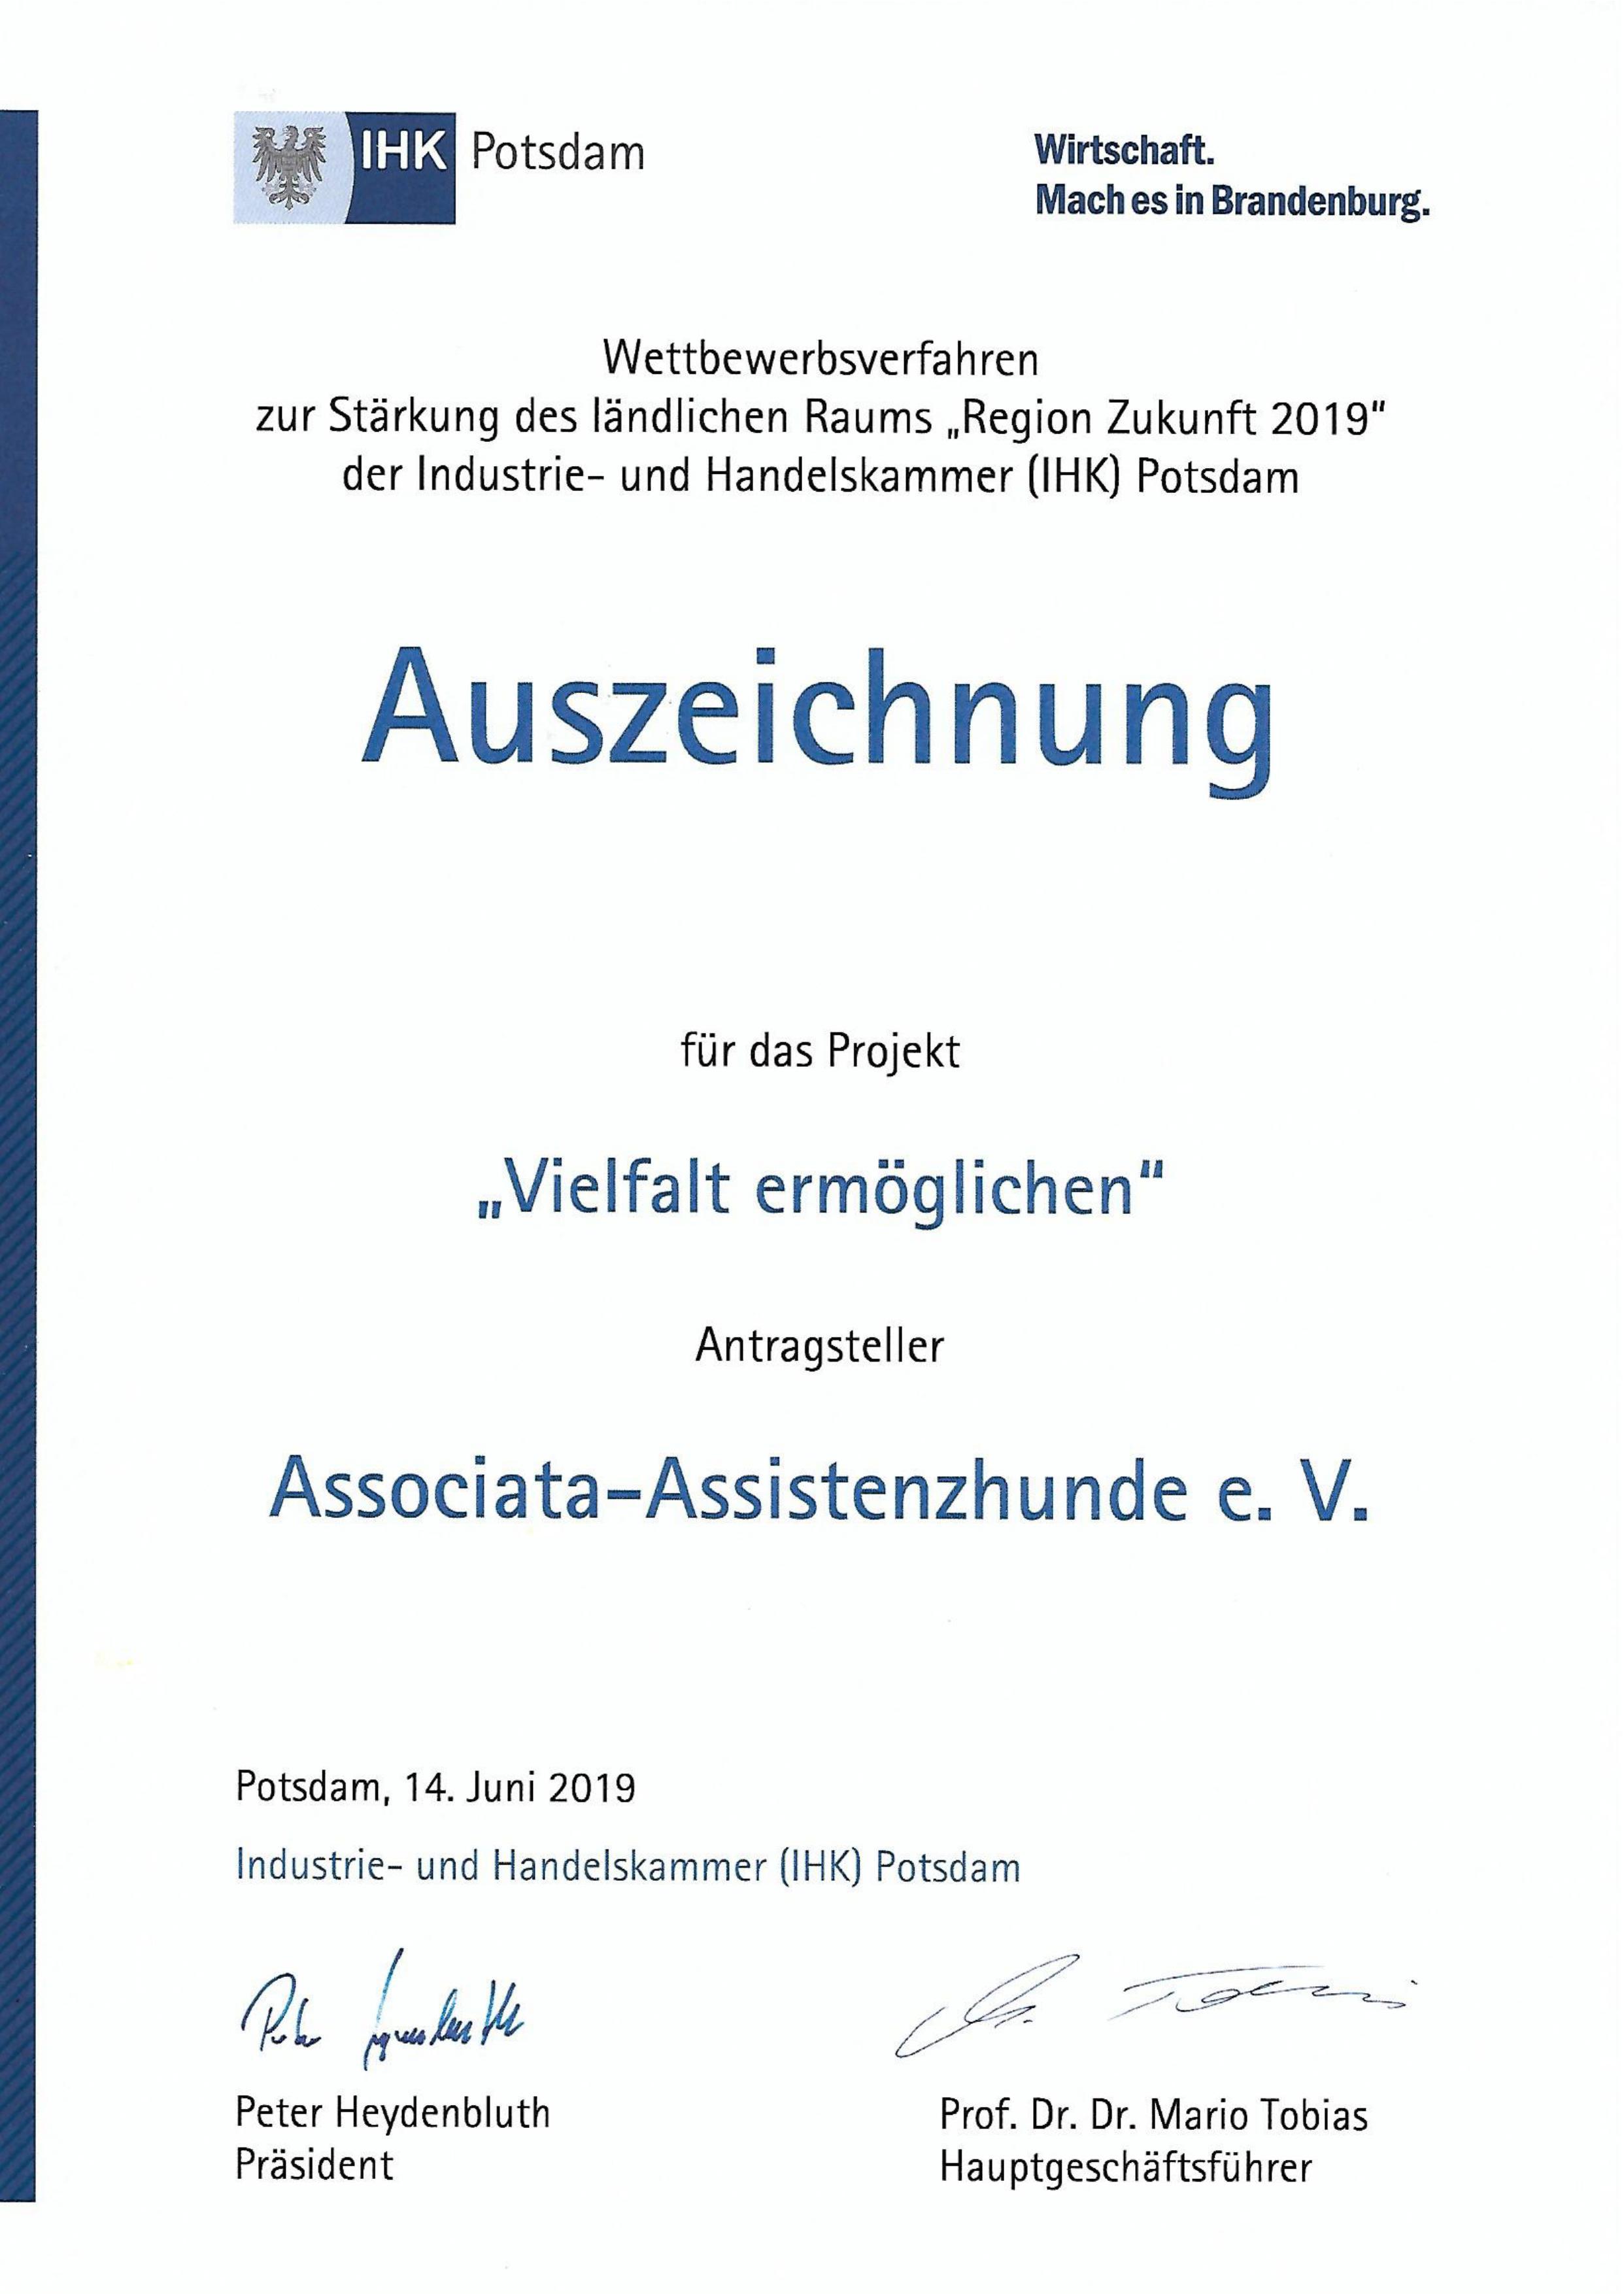 """Associata-Assistenzhunde e.V. ist Preisträger im Wettbewerb  """"Region Zukunft 2019"""" der IHK-Potsdam"""